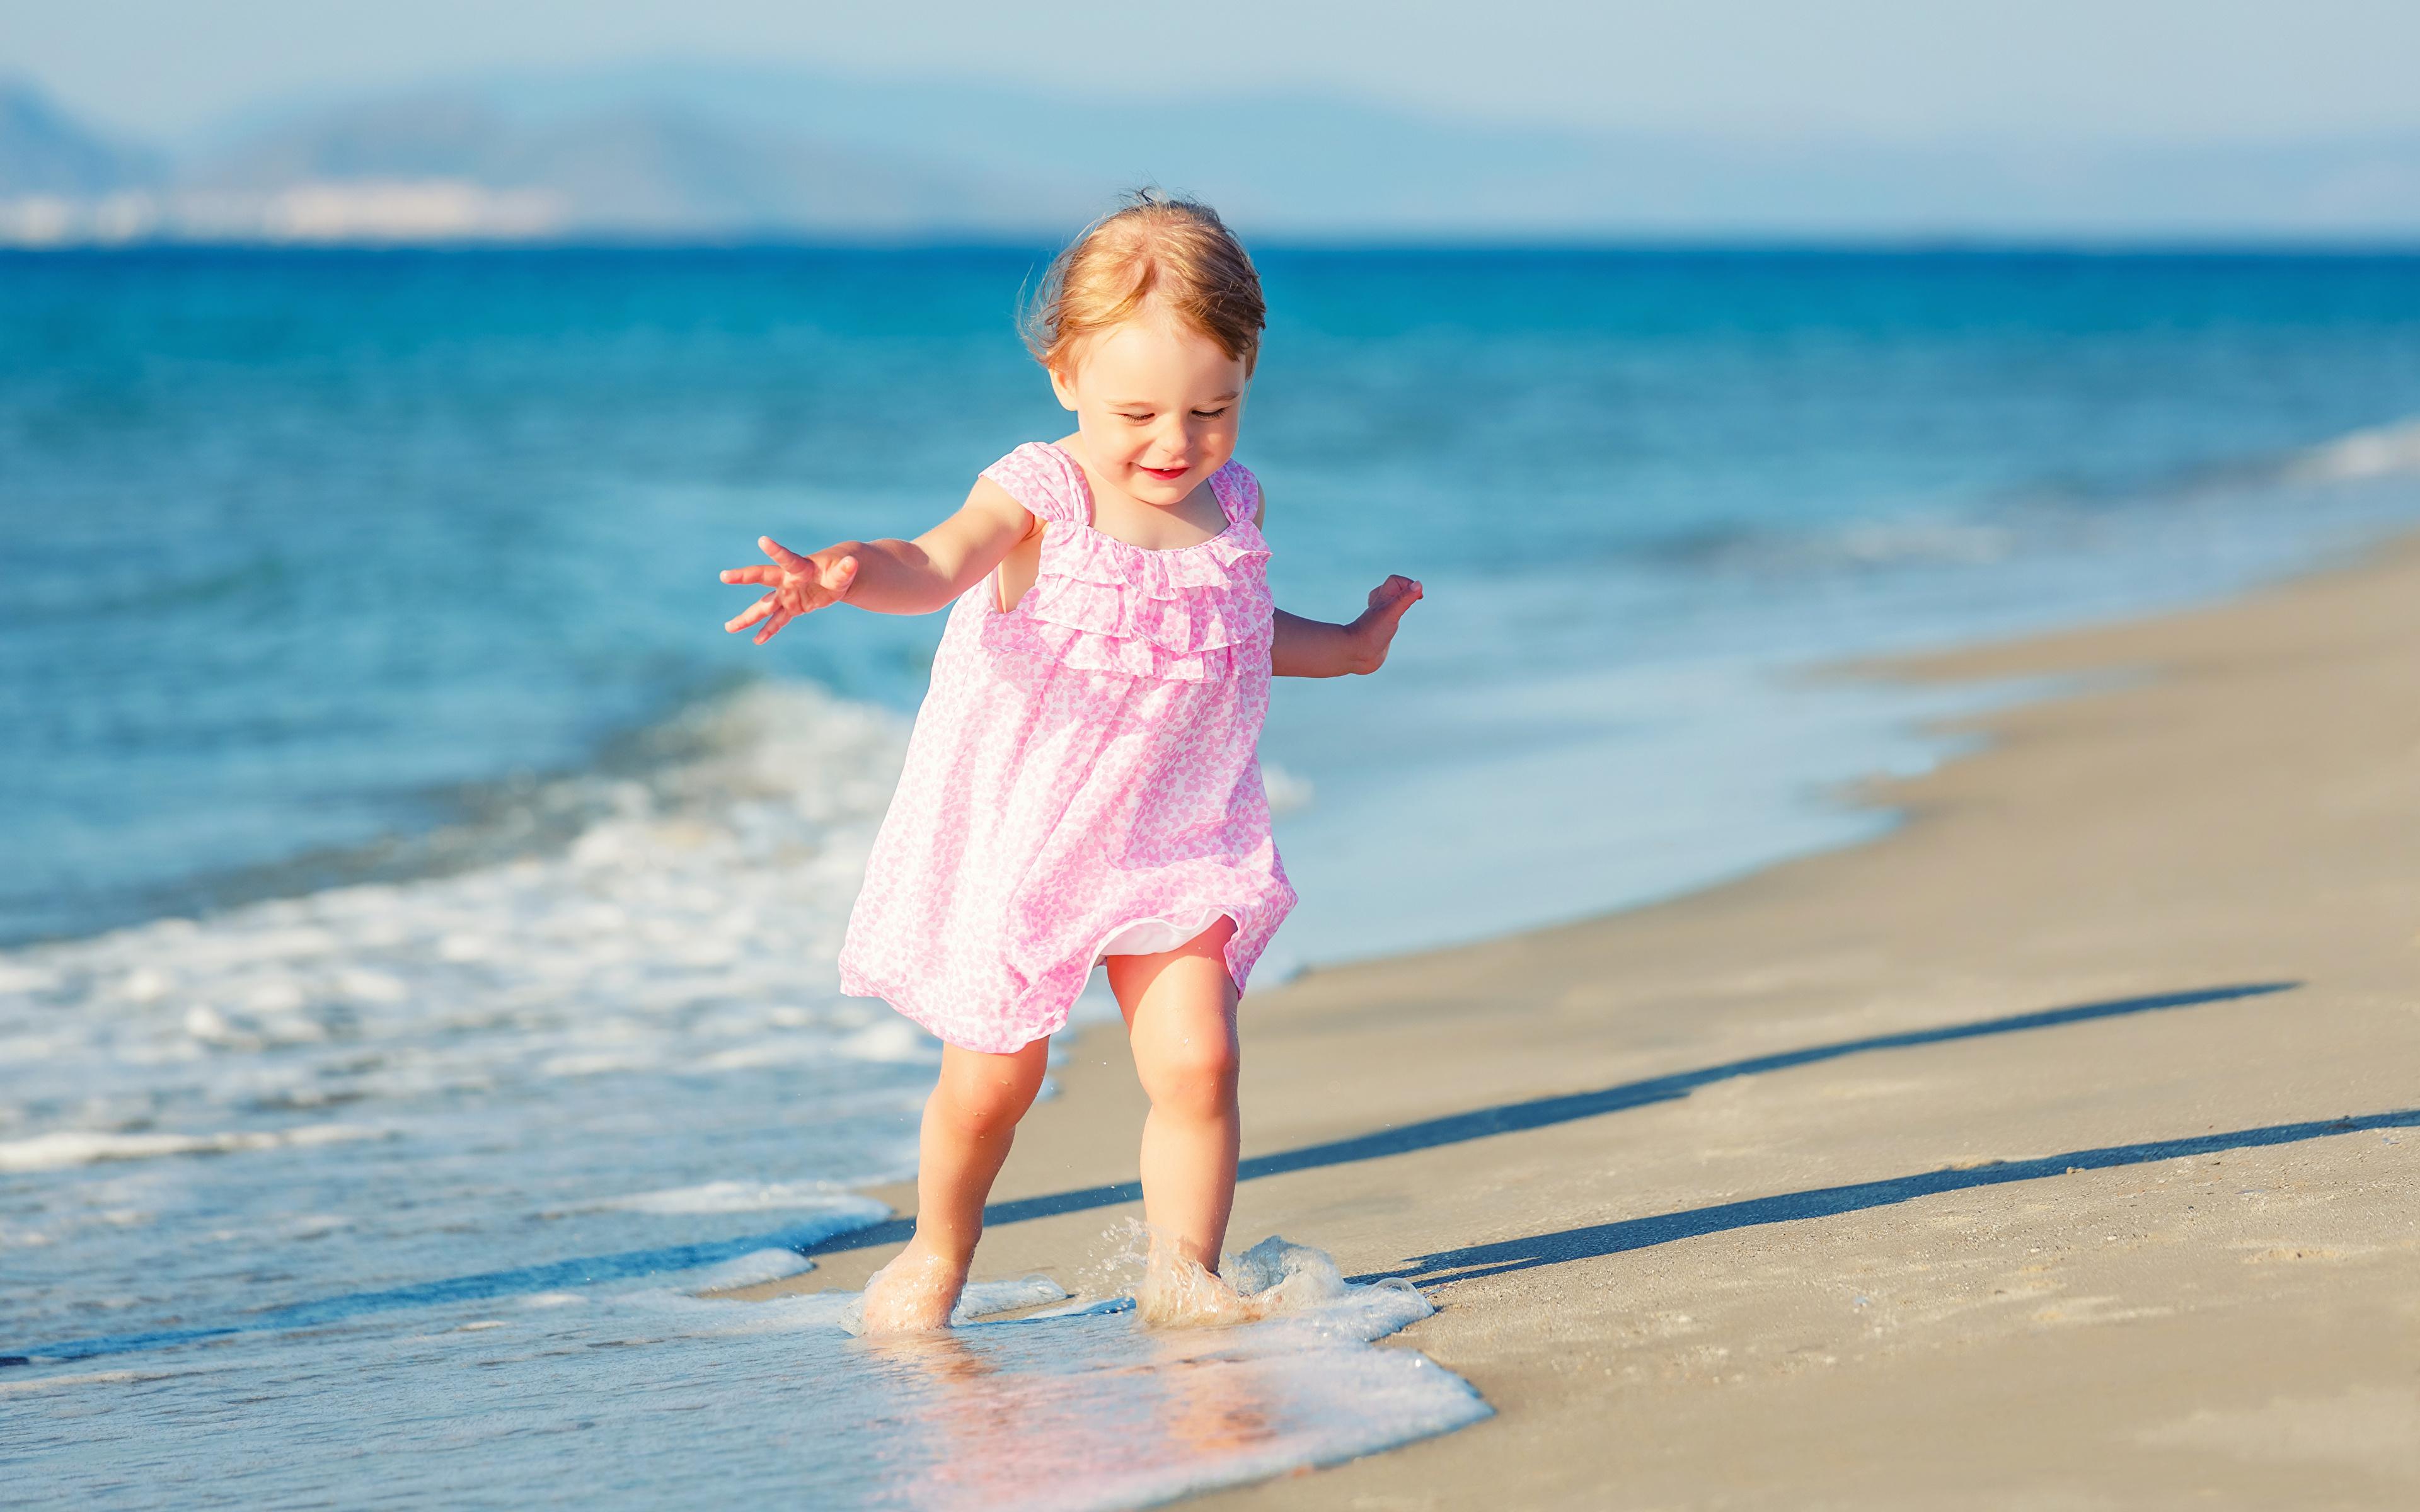 Прикольные фото с детьми на море